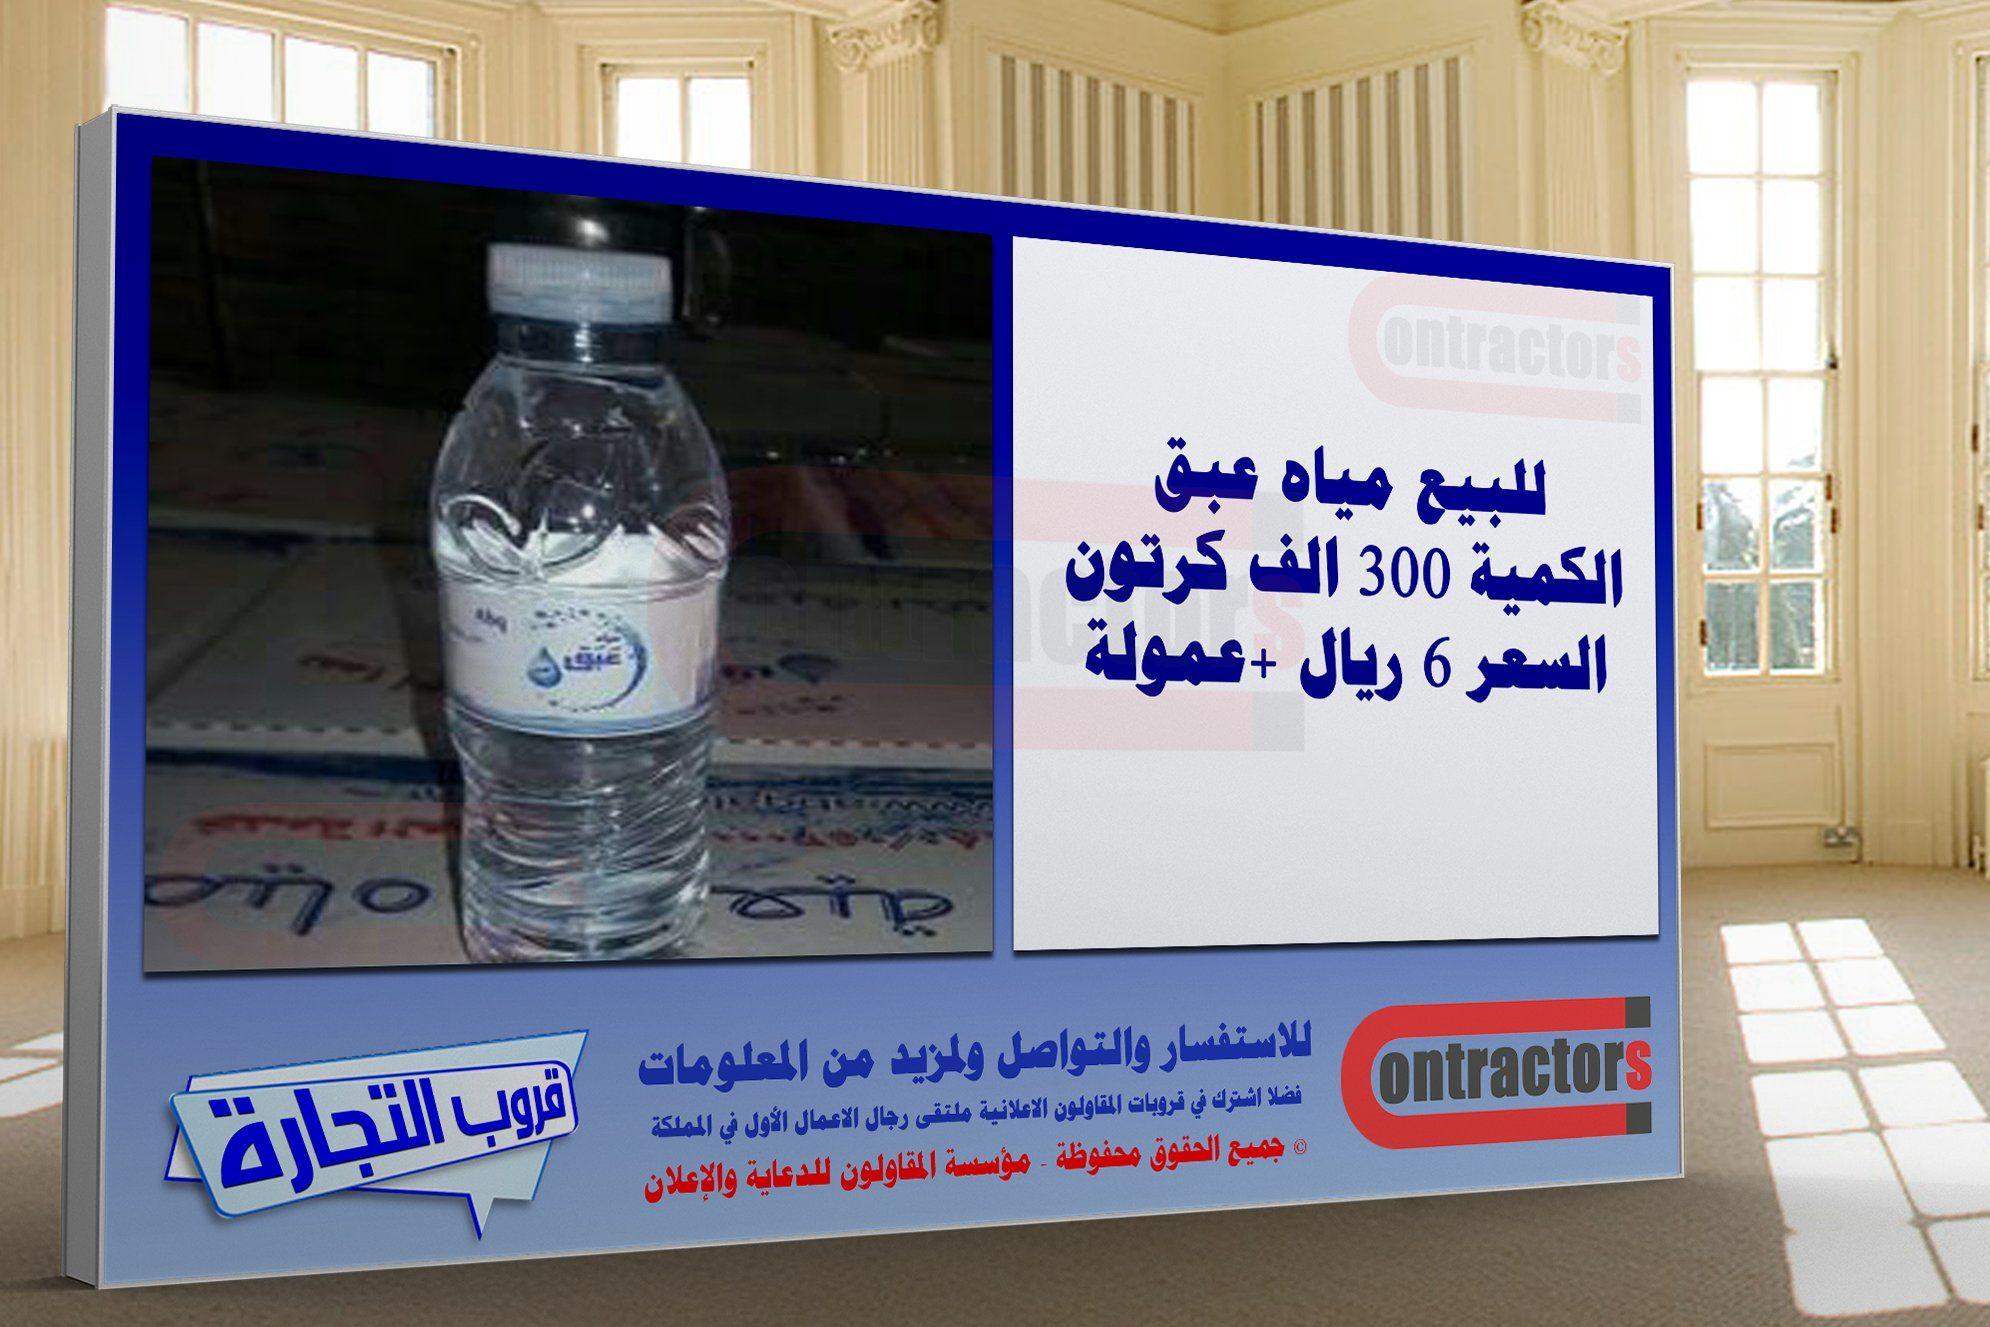 ℂ𝕠𝕟𝕥𝕣𝕒𝕔𝕥𝕠𝕣𝕤 On Twitter Contractors Water Bottle Bottle